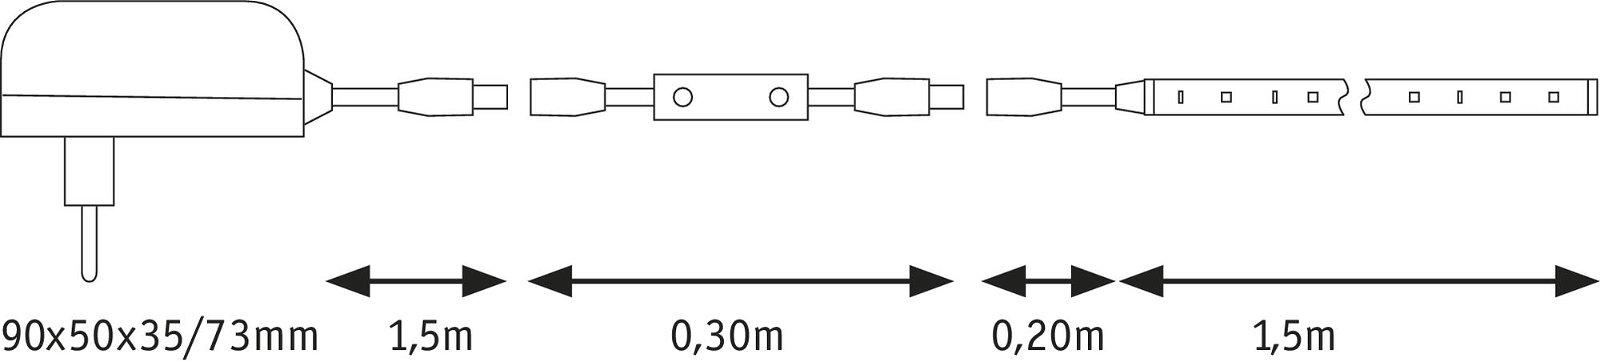 SimpLED Power LED Strip Warmweiß 1,5m beschichtet 17W 1650lm 3000K 24VA